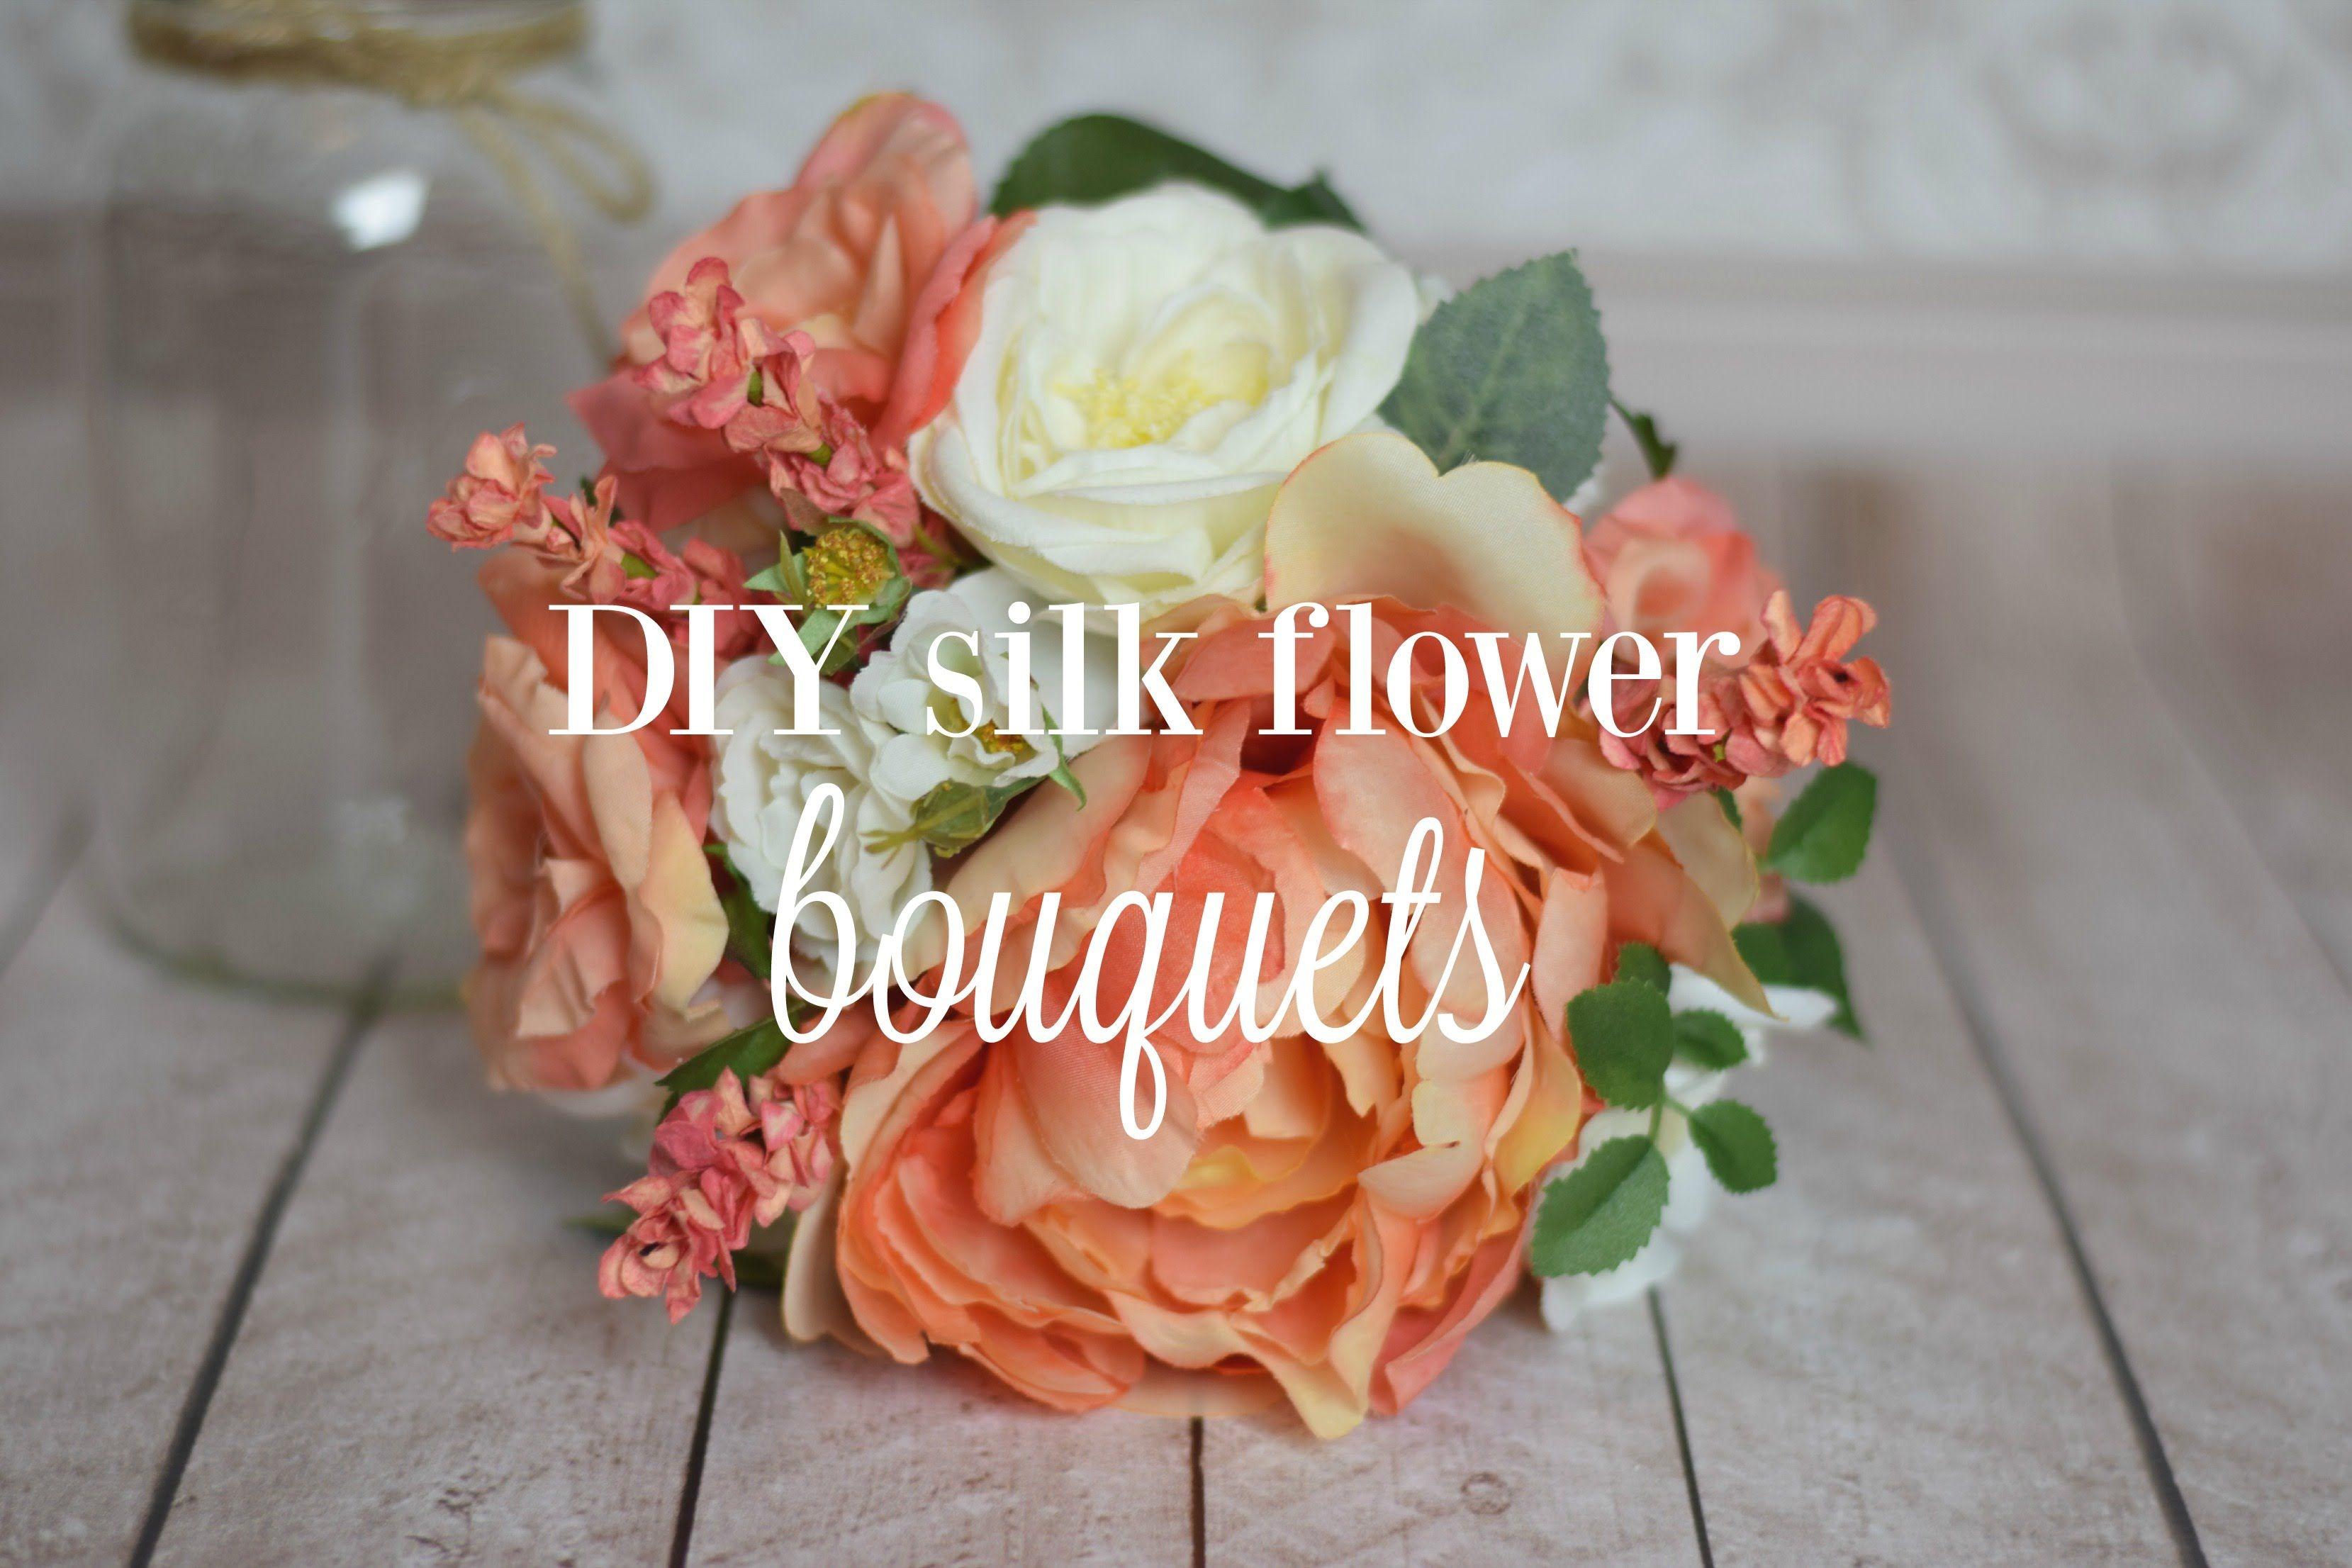 Diy silk flower bouquets wedding bouquet pinterest silk diy silk flower bouquets izmirmasajfo